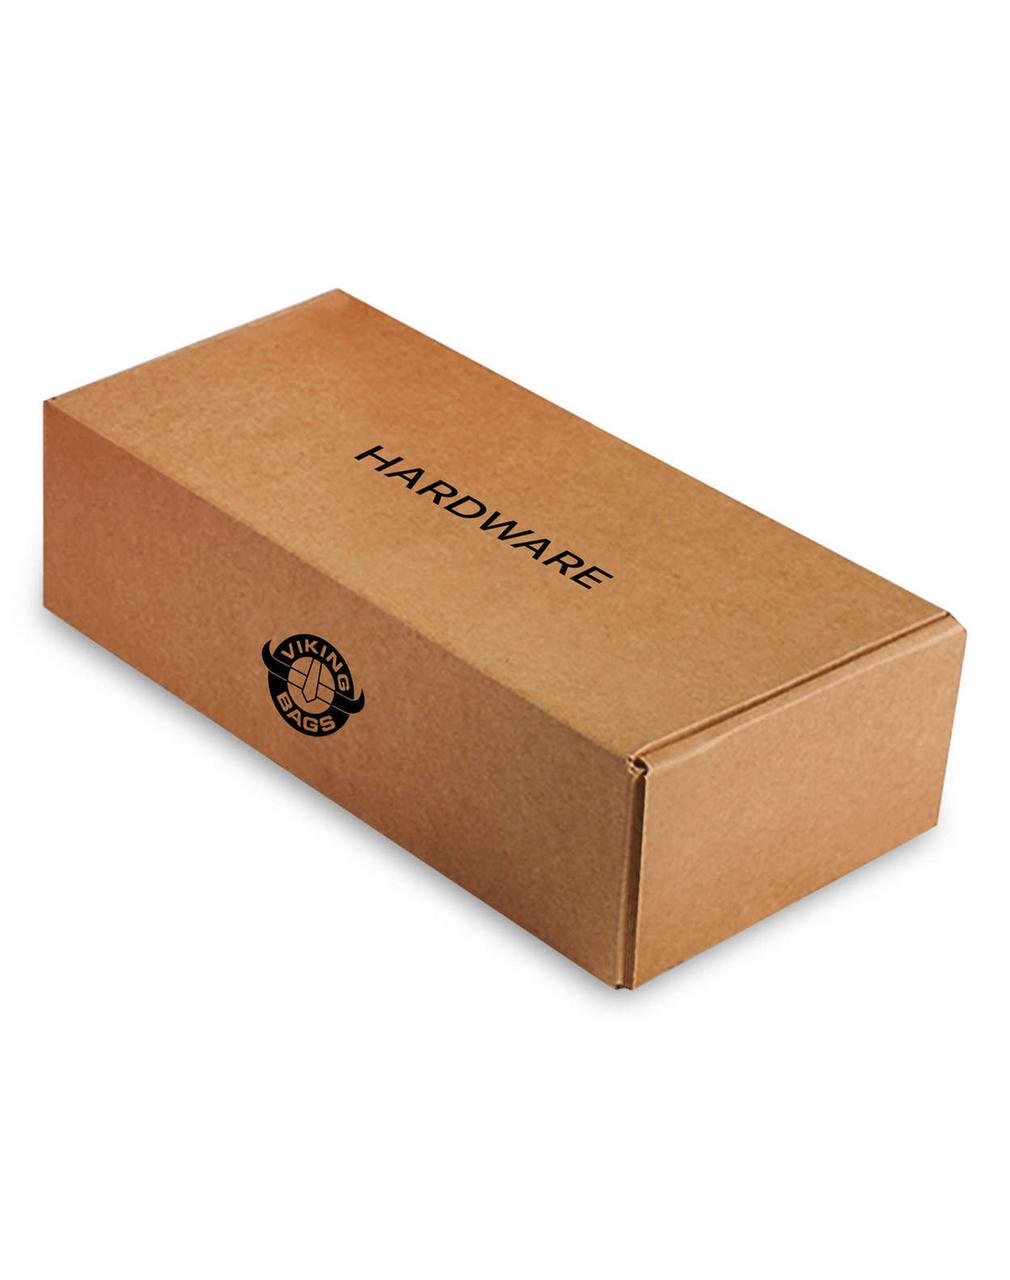 Triumph Rocket III Range Viking Shock Cutout Single Strap Large Slanted Leather Motorcycle Saddlebags Box